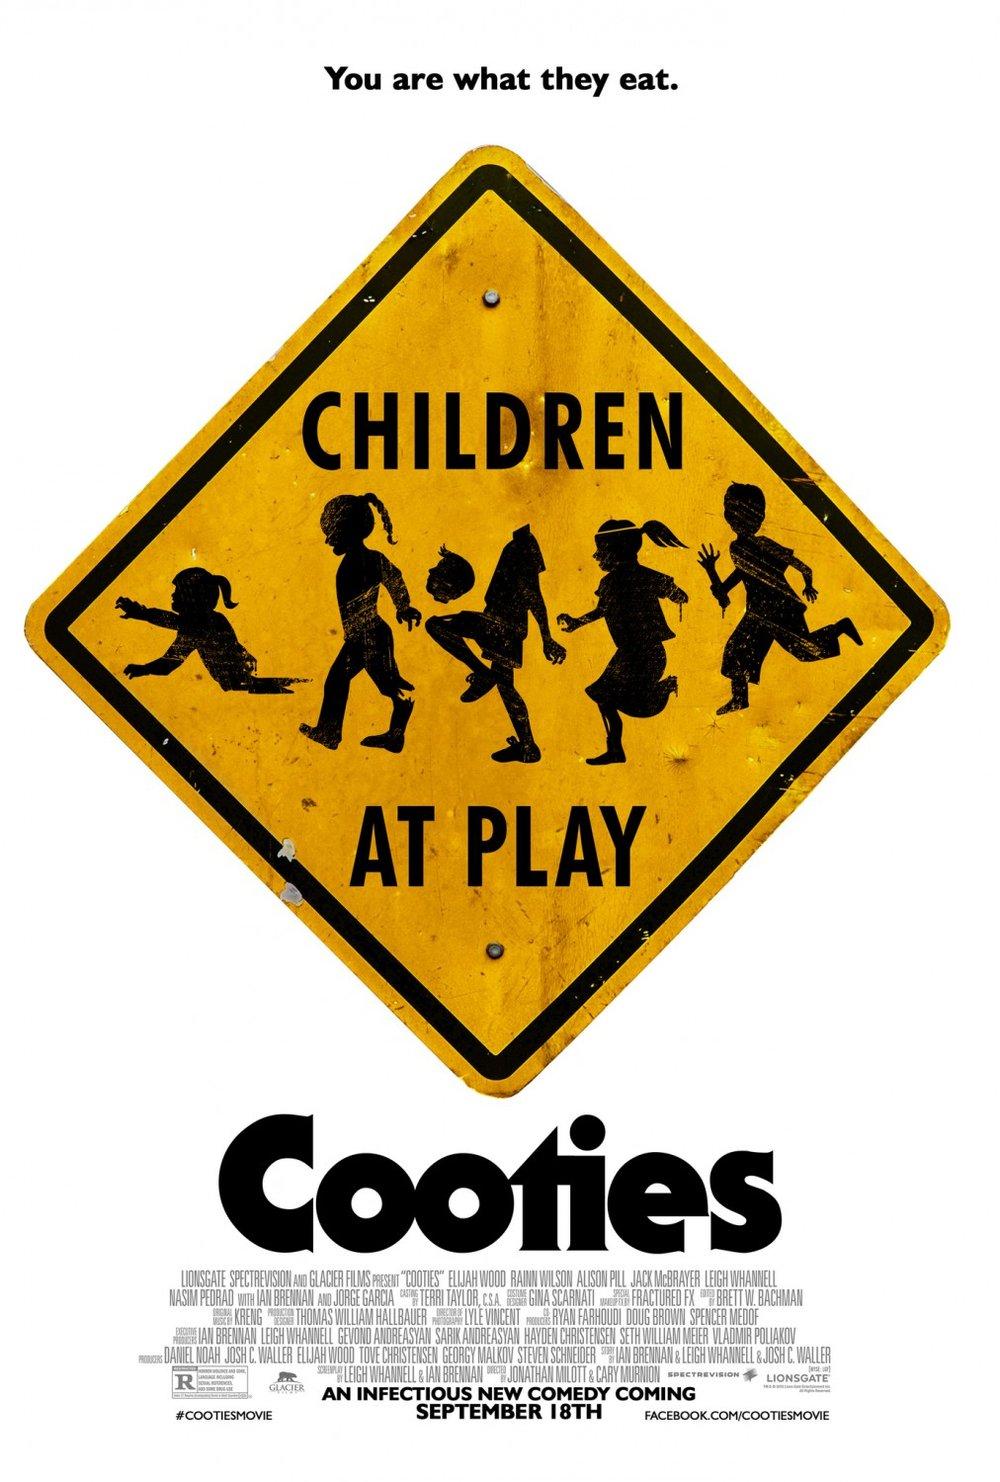 cooties1.jpg